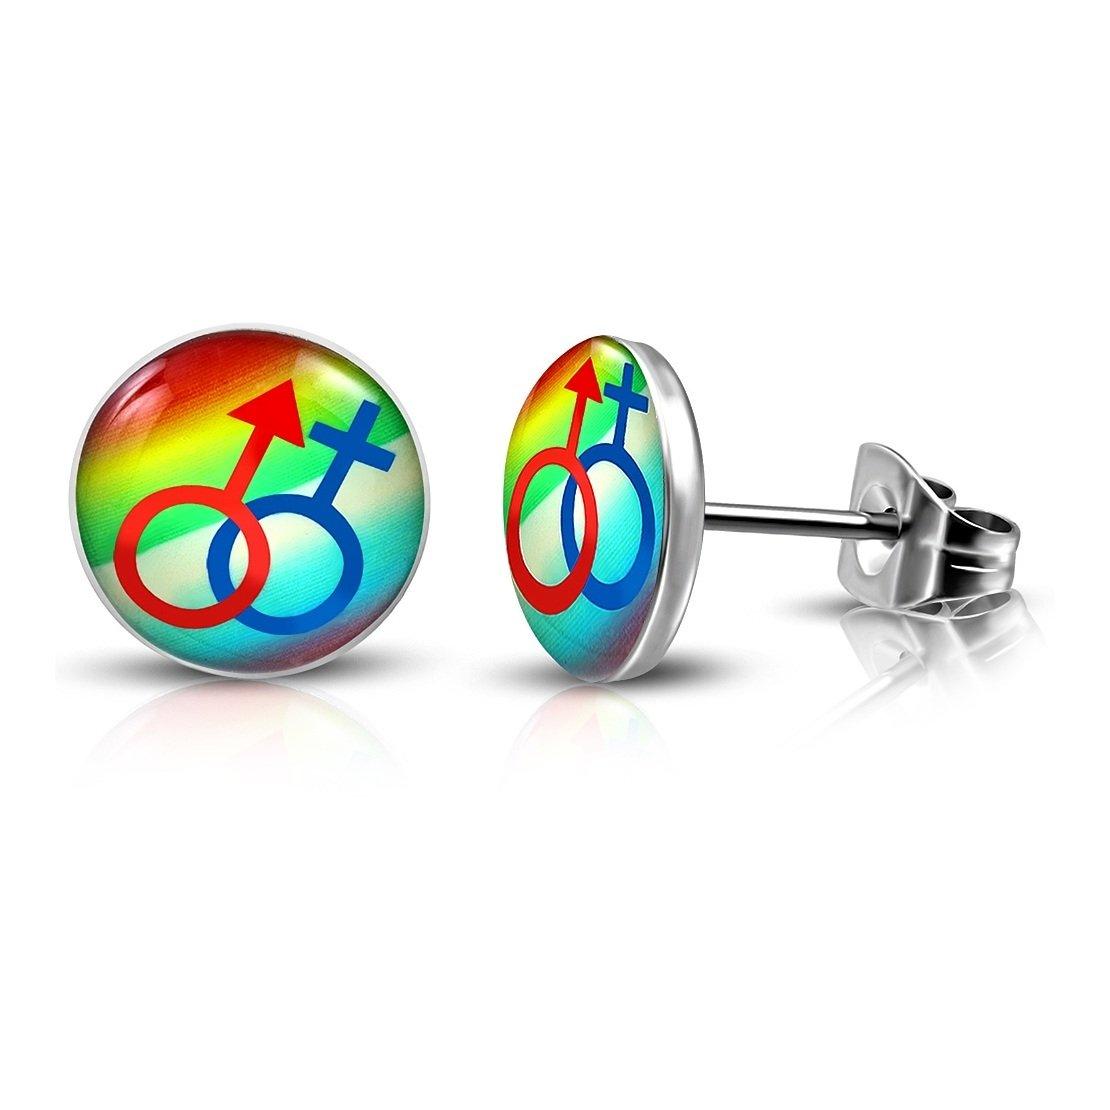 pair Stainless Steel Male// Female Gender Symbol Rainbow Color Circle Stud Earrings